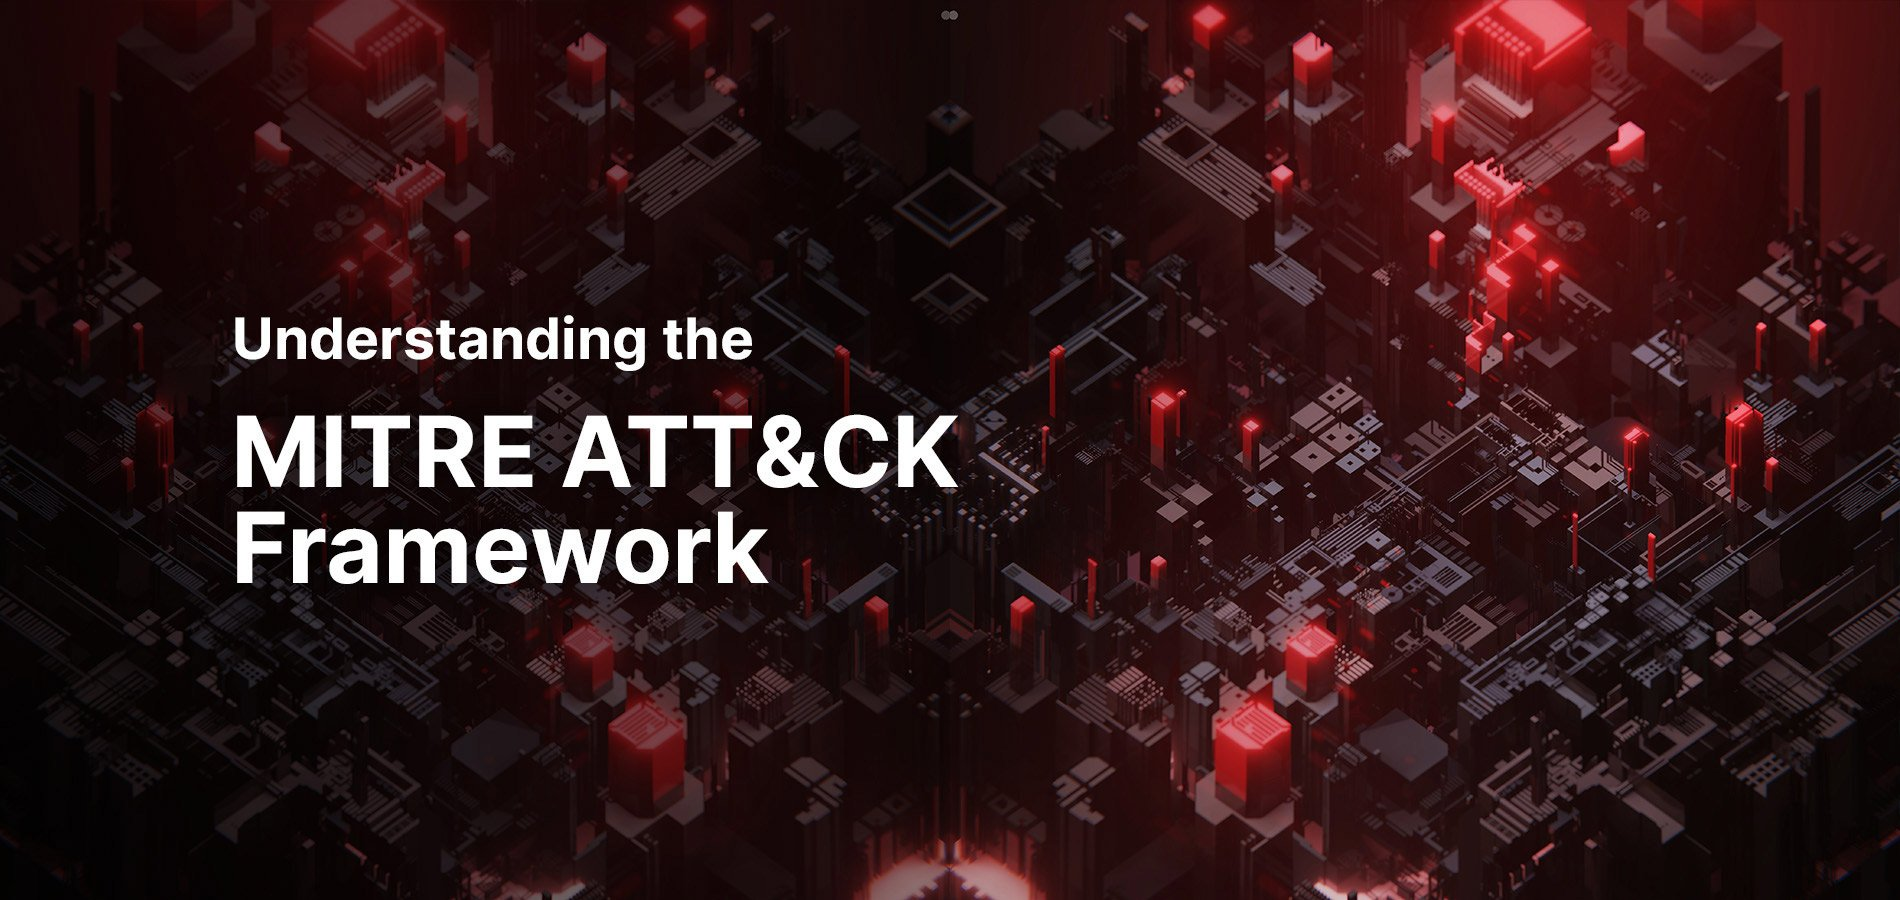 Understanding the MITRE ATT&CK Framework.